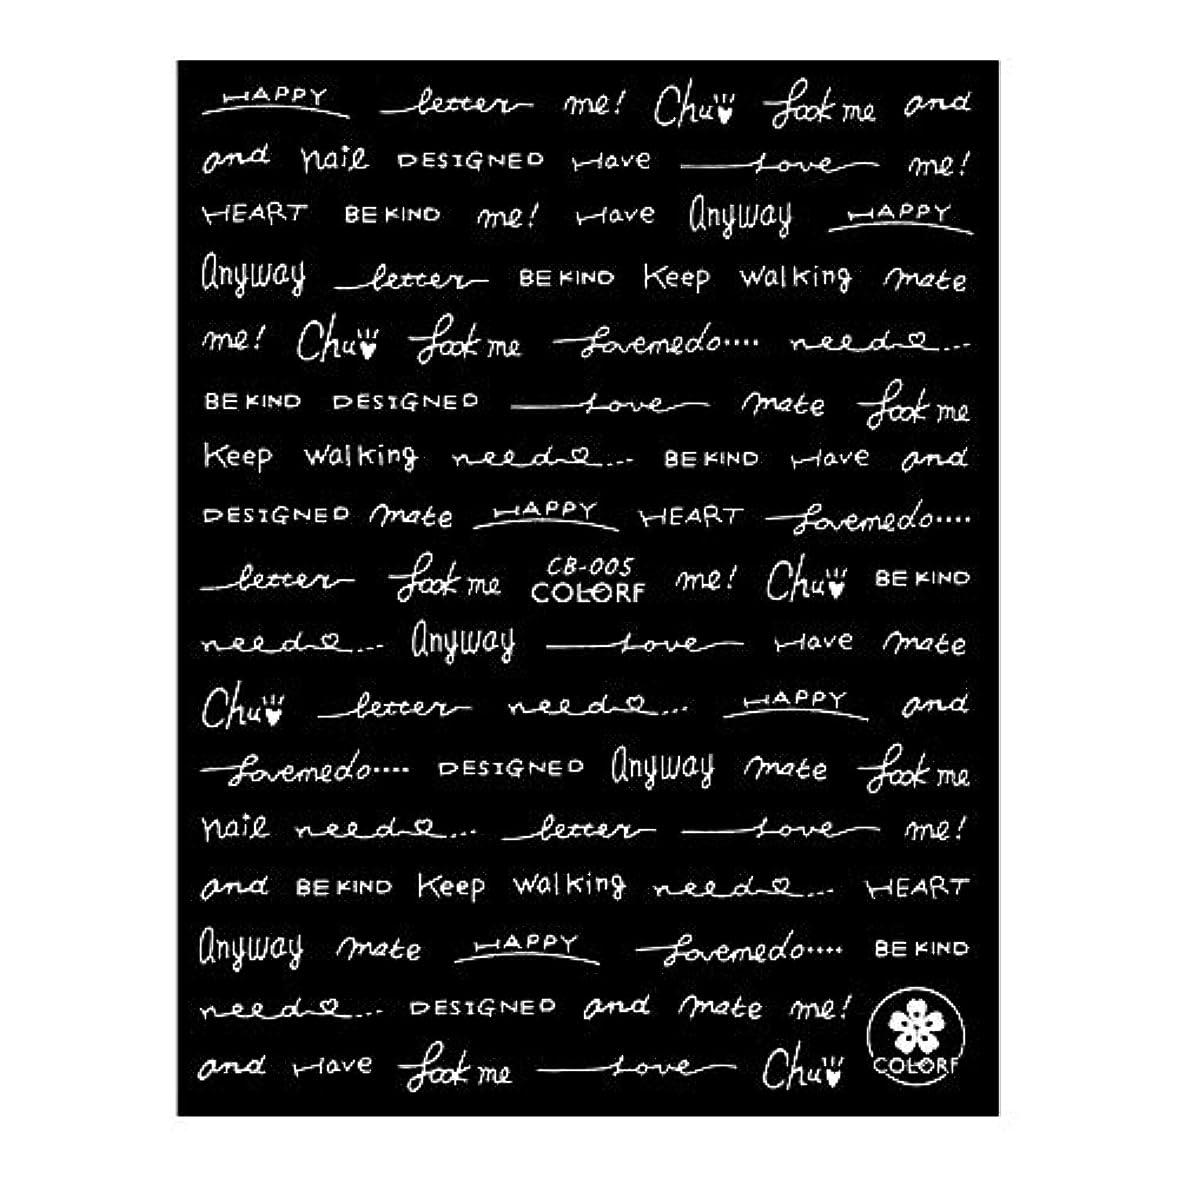 ミンチデクリメント忘れられない【CB-005】 キュート文字シール【ホワイト】ネイルシール